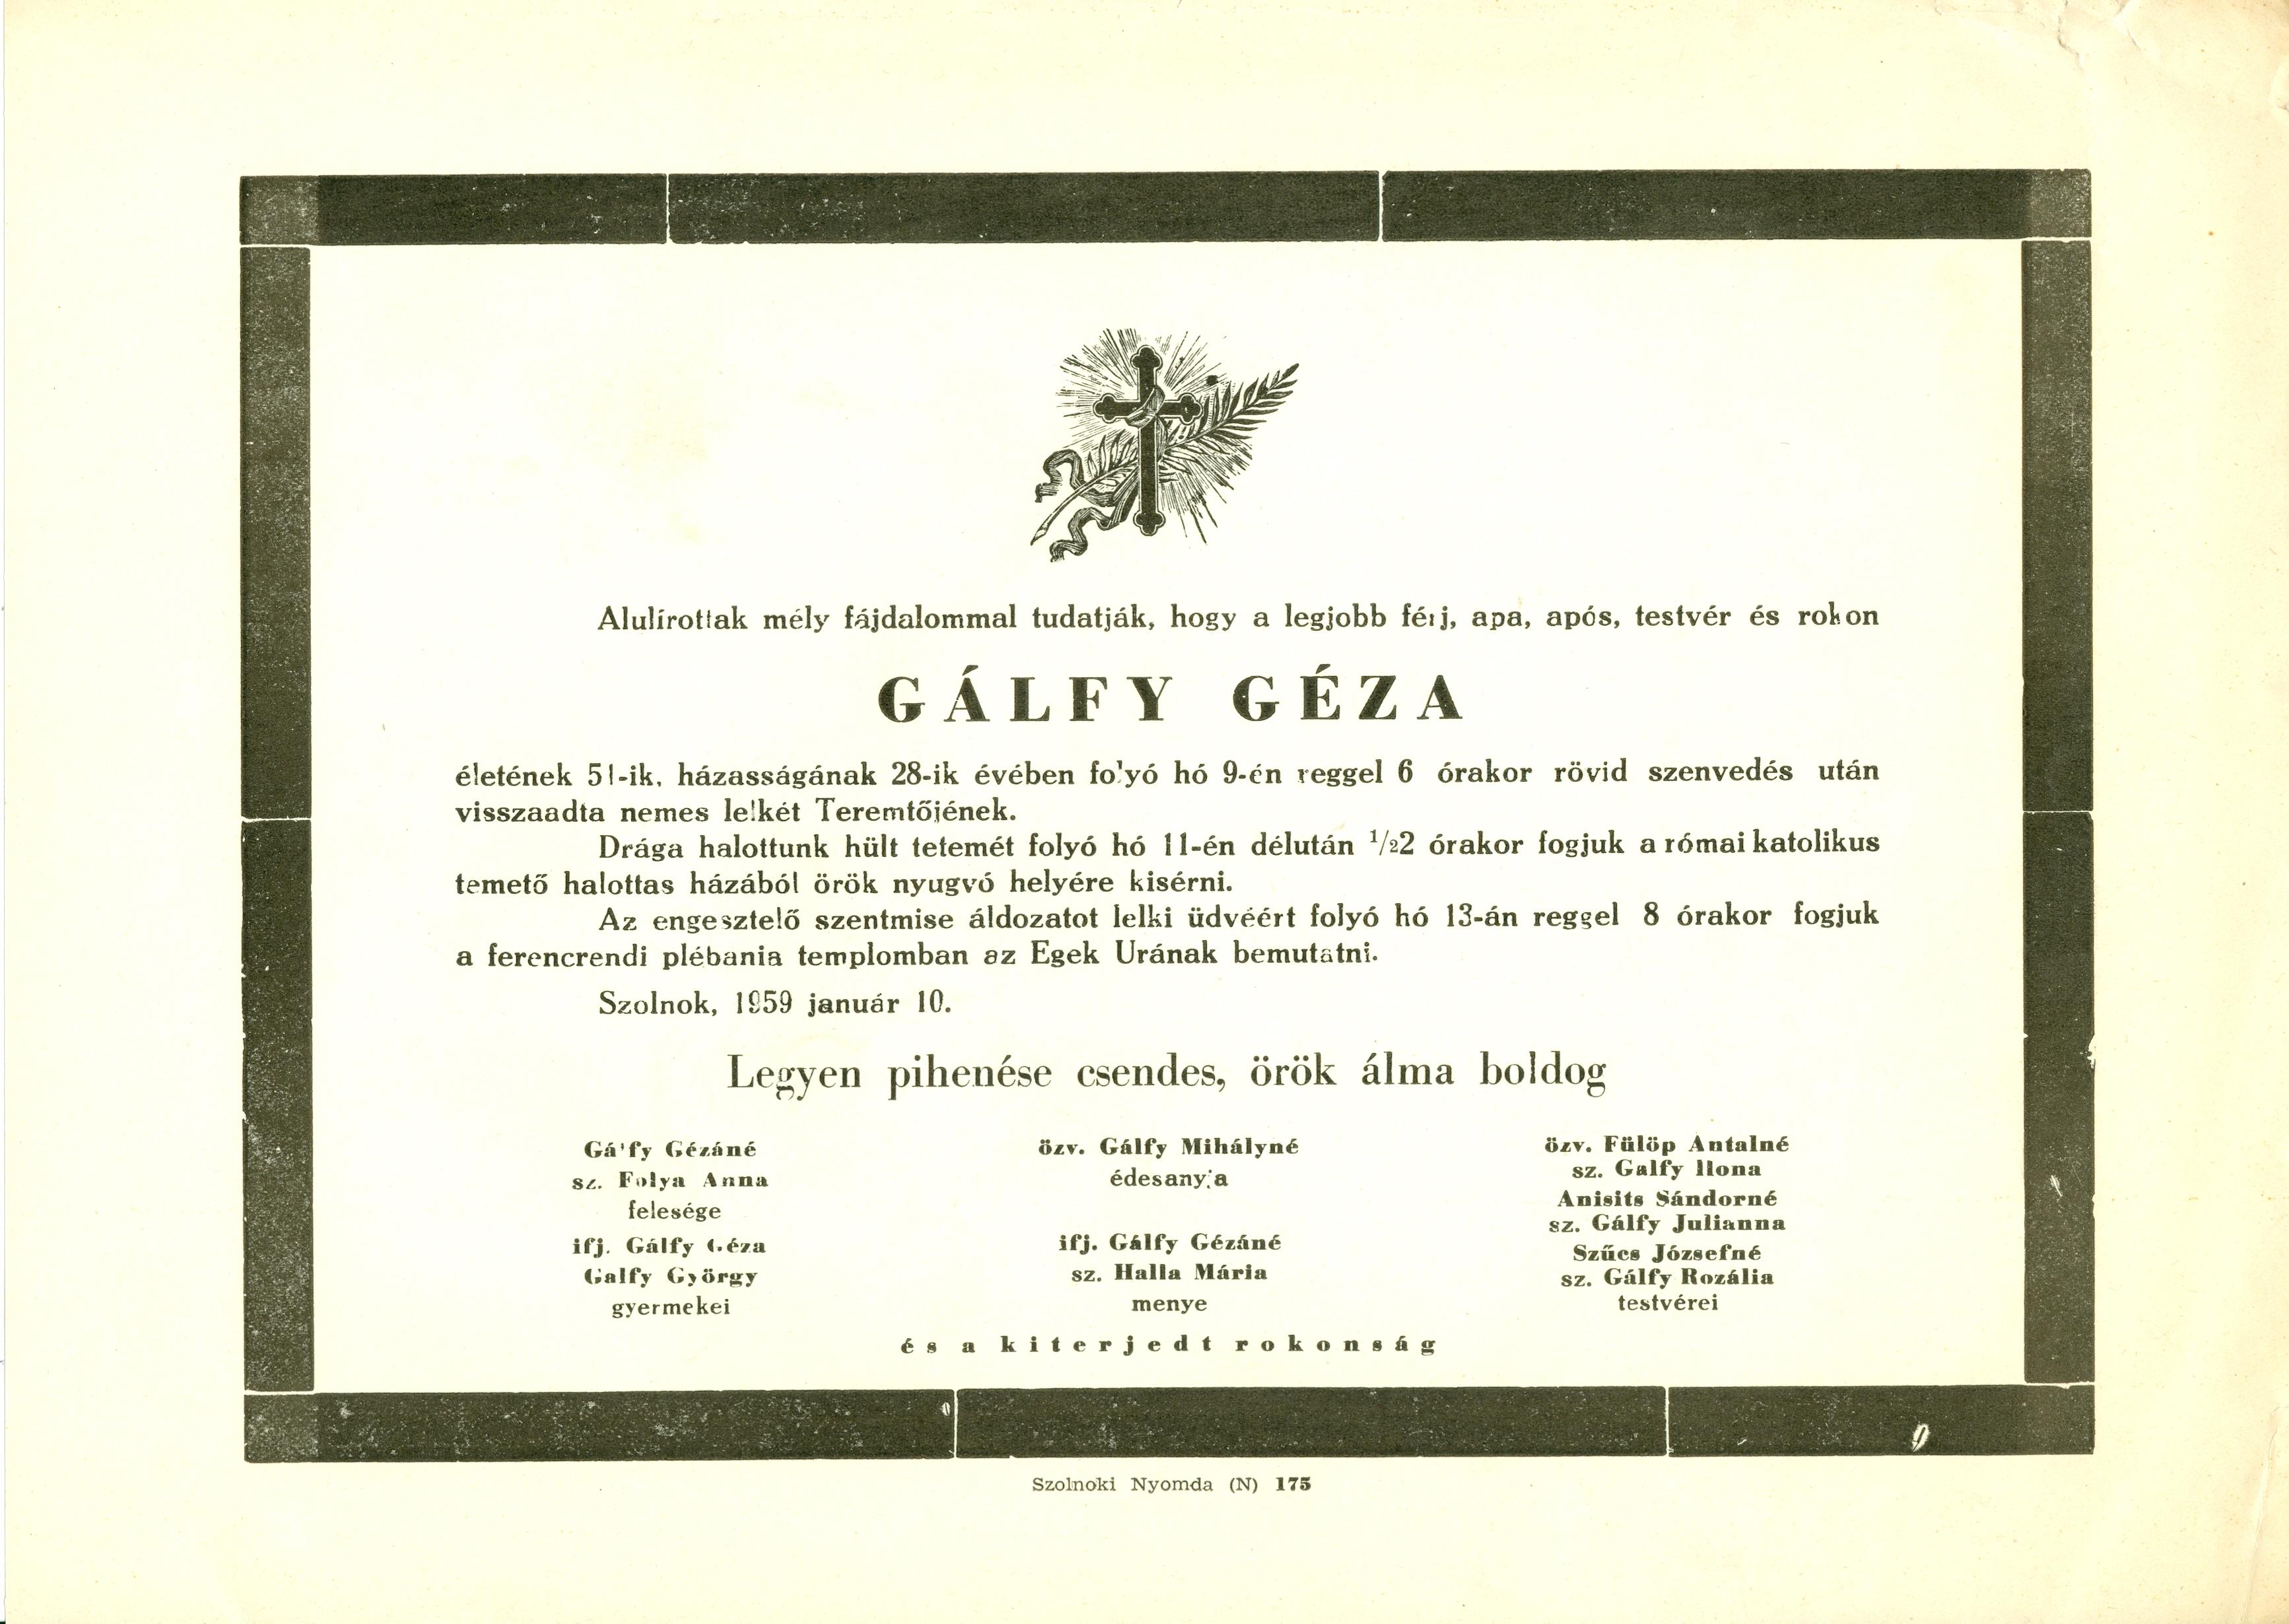 Gálfy Géza